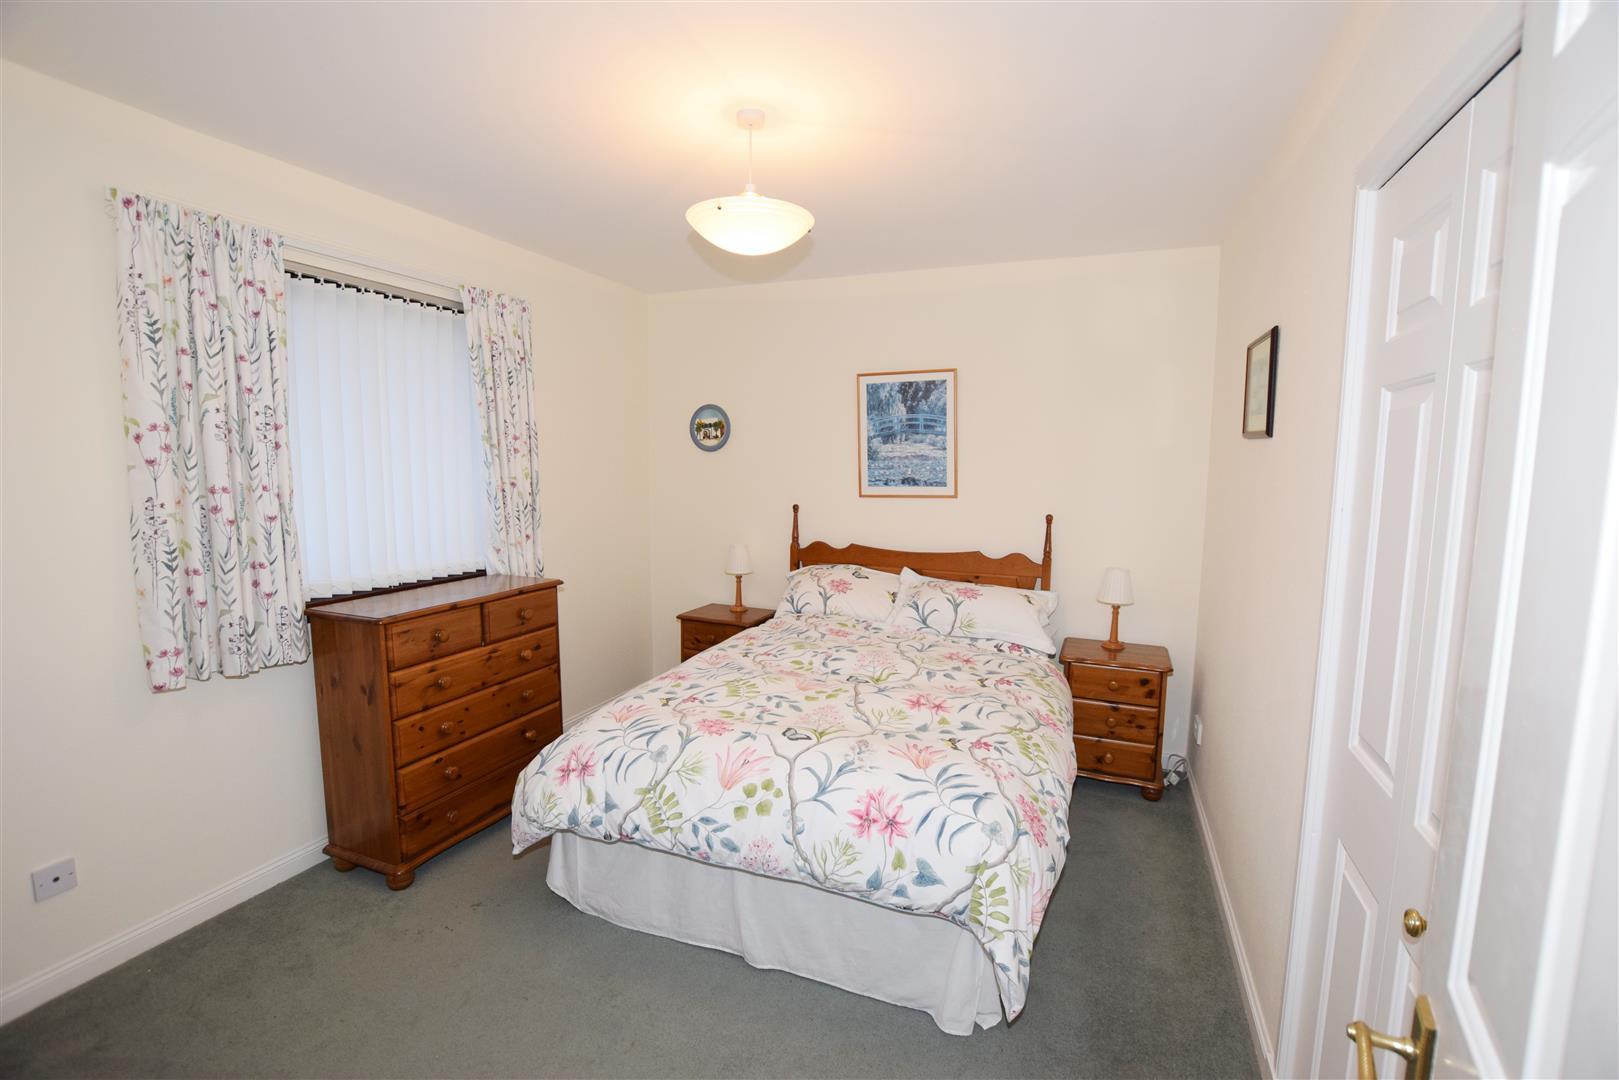 61, Cliffburn Road, Arbroath, Angus, DD11 5BA, UK